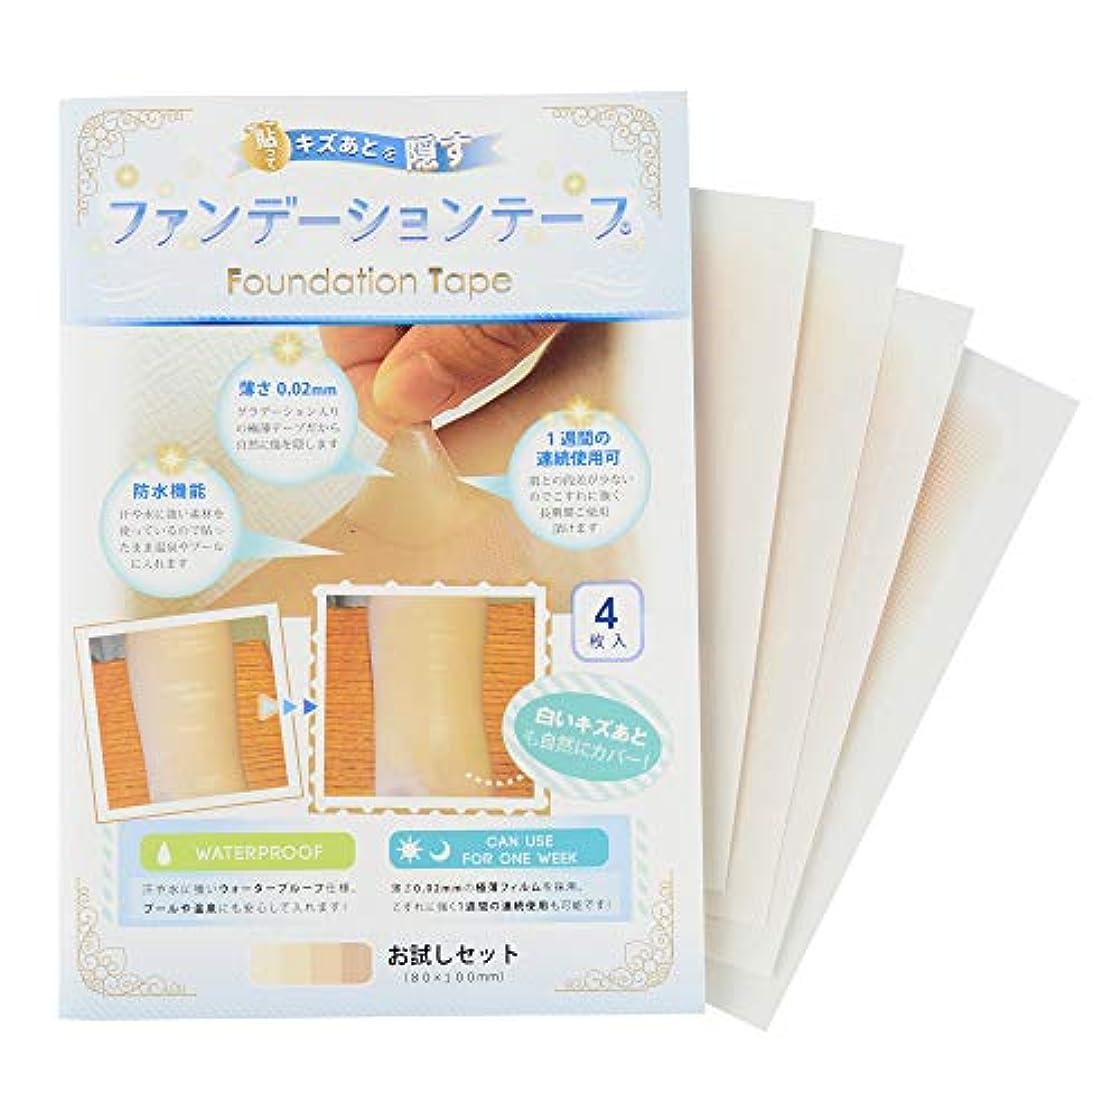 後製造業ペフファンデーションテープ (傷跡を隠すテープ) 10枚入 ベージュオークル リストカット 隠し 防水 つや消し 肌色 シート 日本製 ログインマイライフ foundation tape